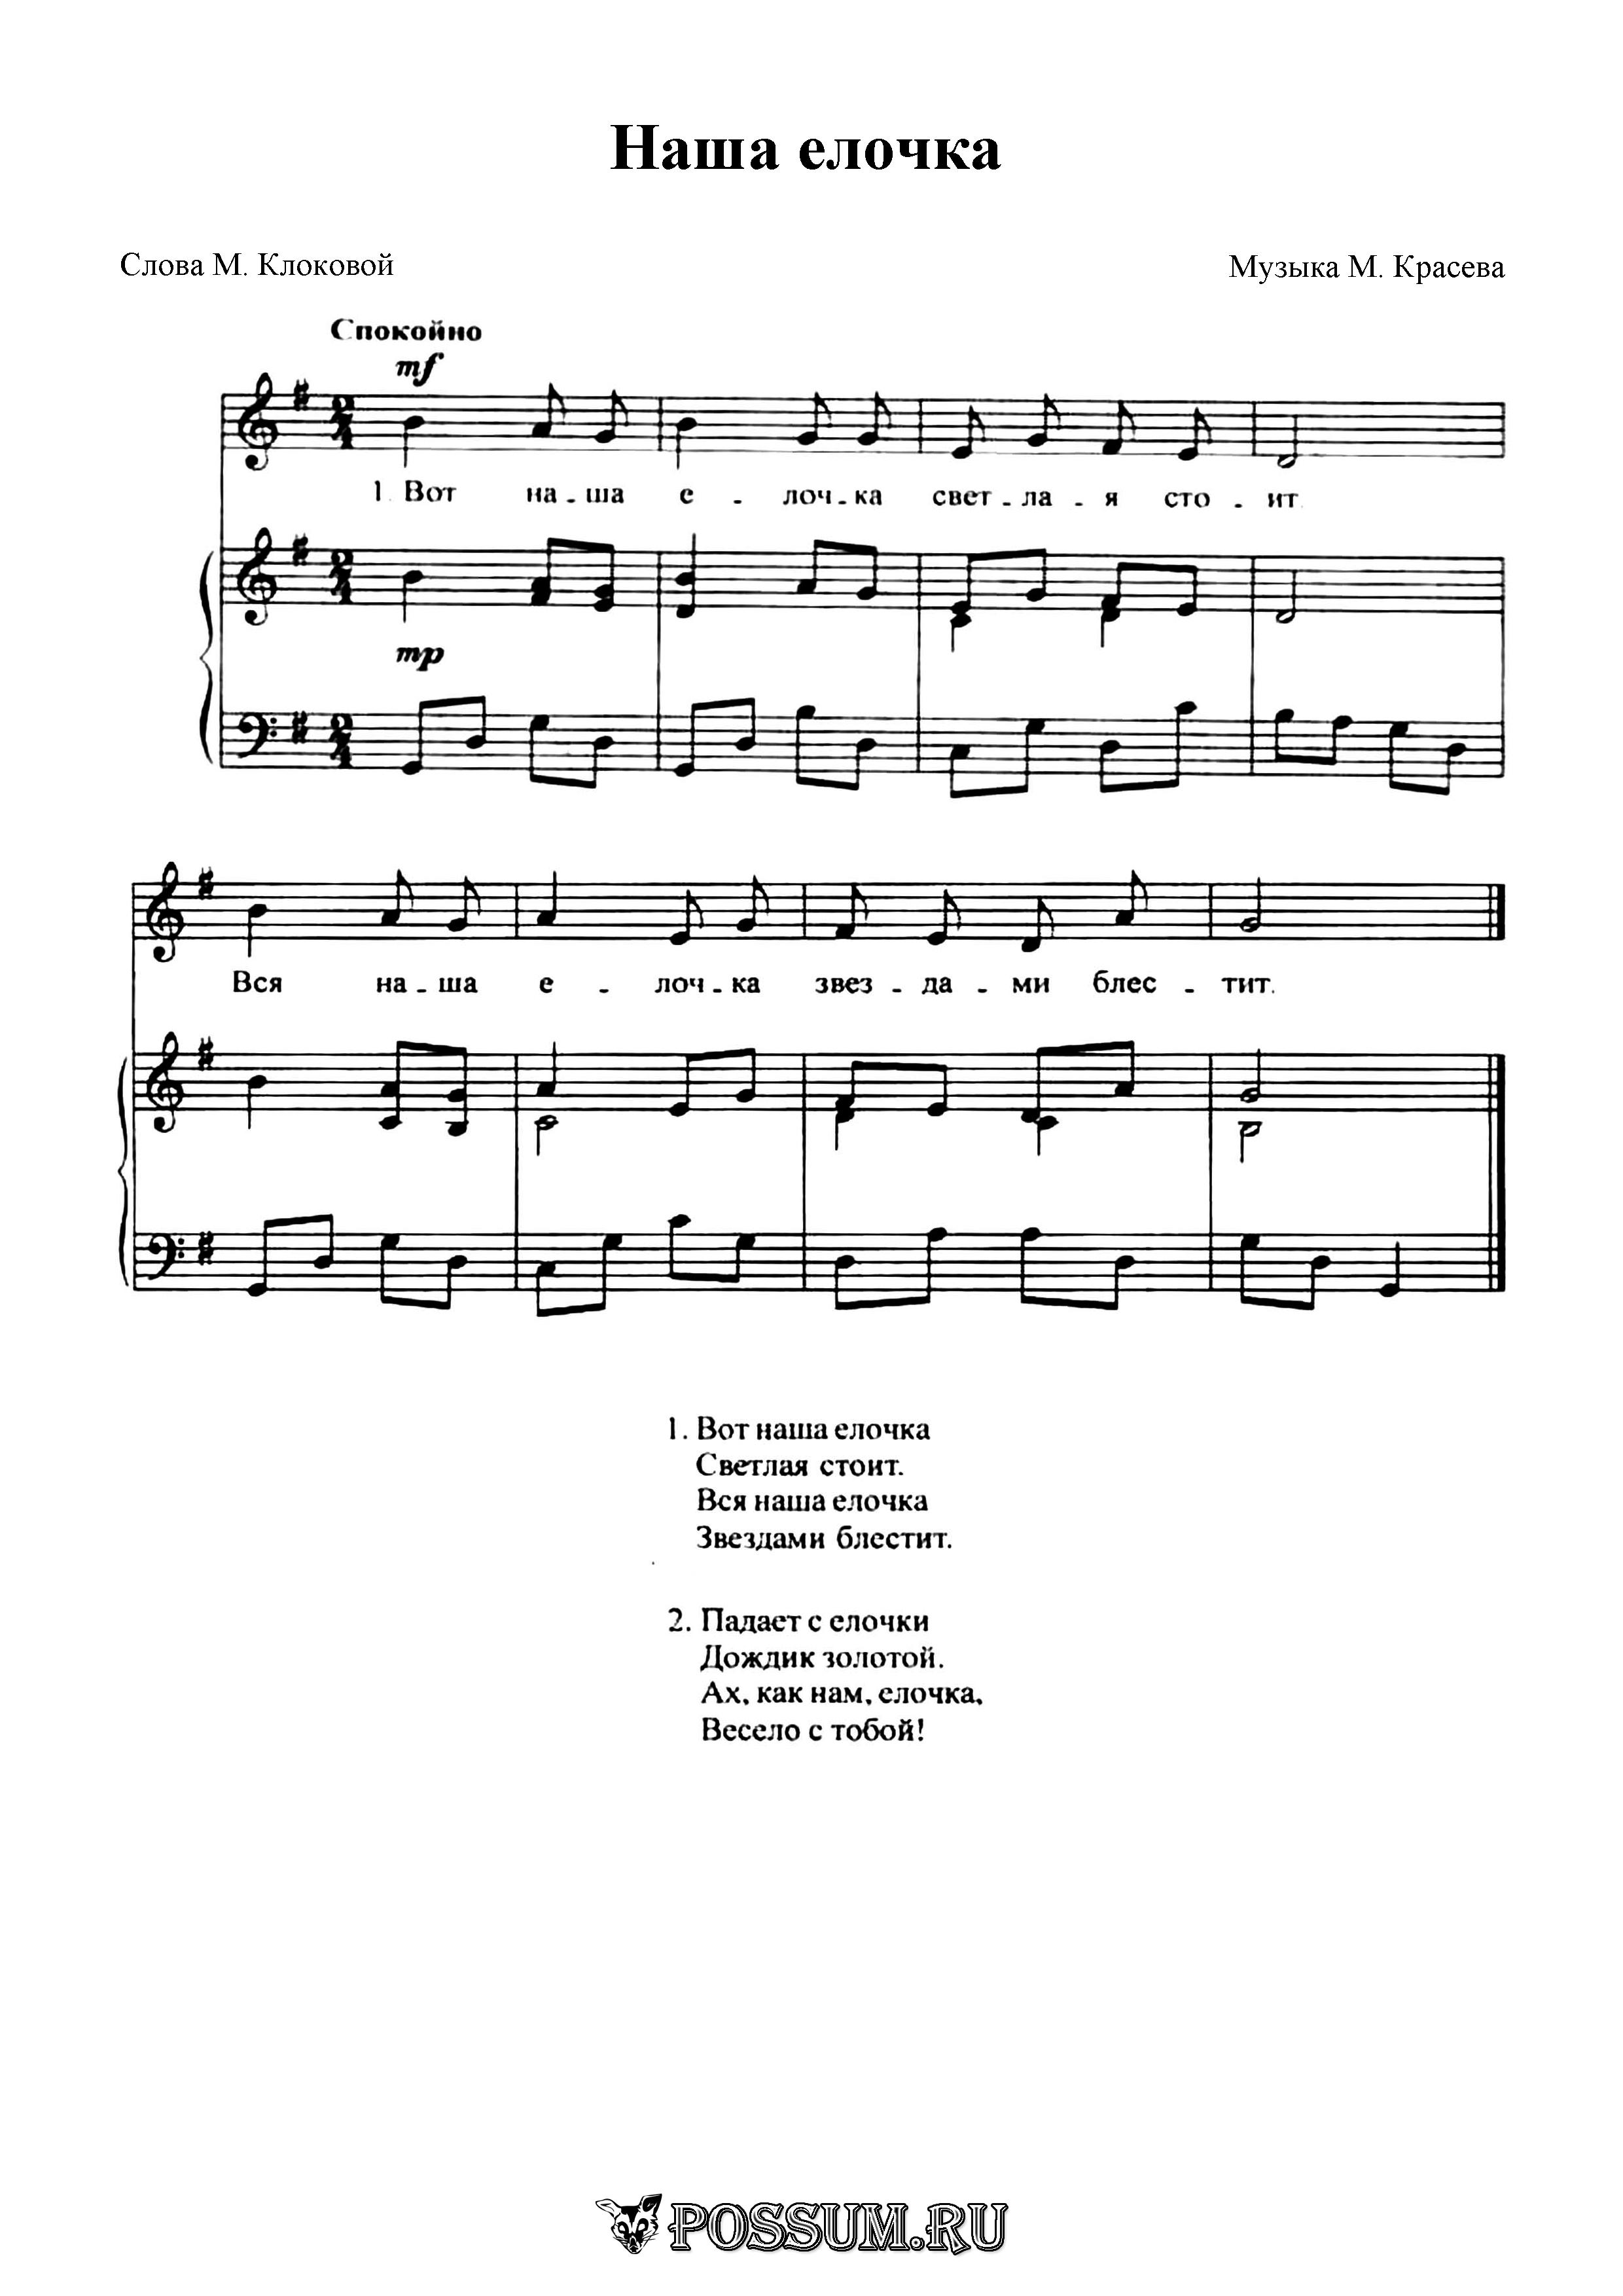 Фонограммы новогодних песен ладушки